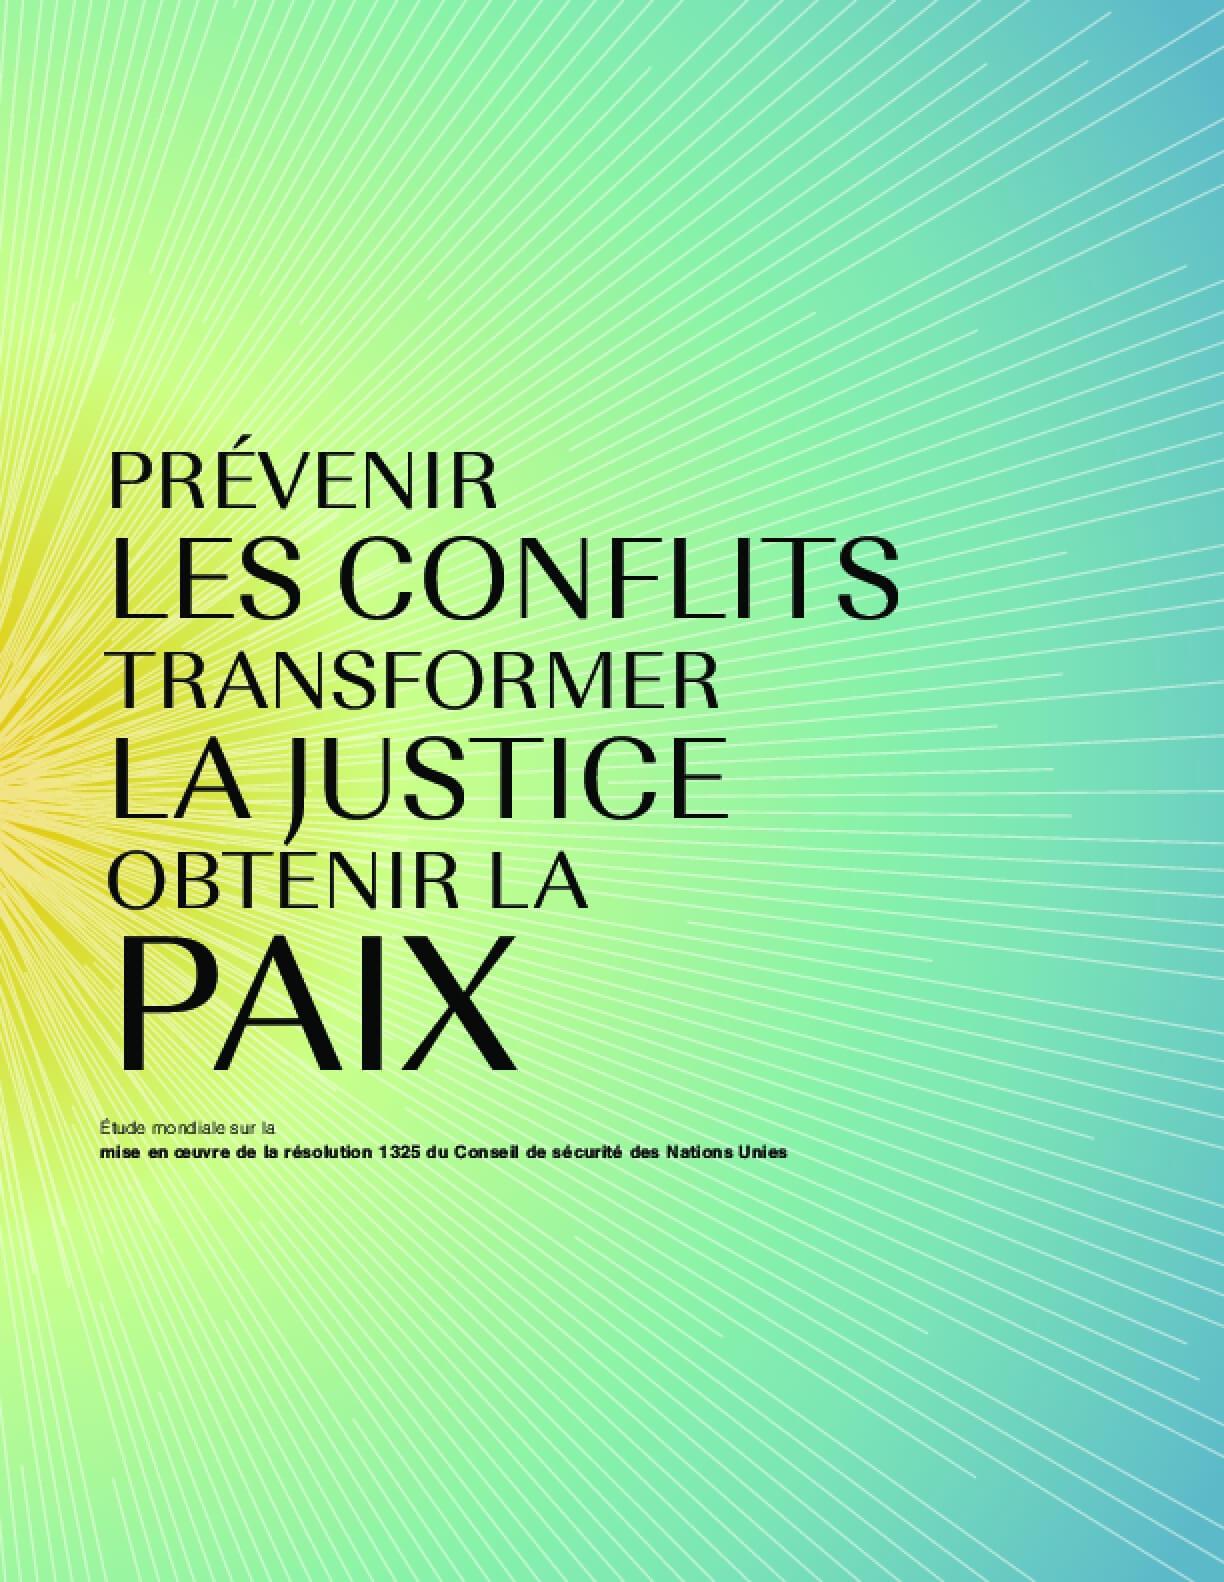 Prévenir les Conflits Transformer la Justice Obtenir la Paix: Étude mondiale sur la mise en œuvre de la résolution 1325 du Conseil de sécurité des Nations Unies